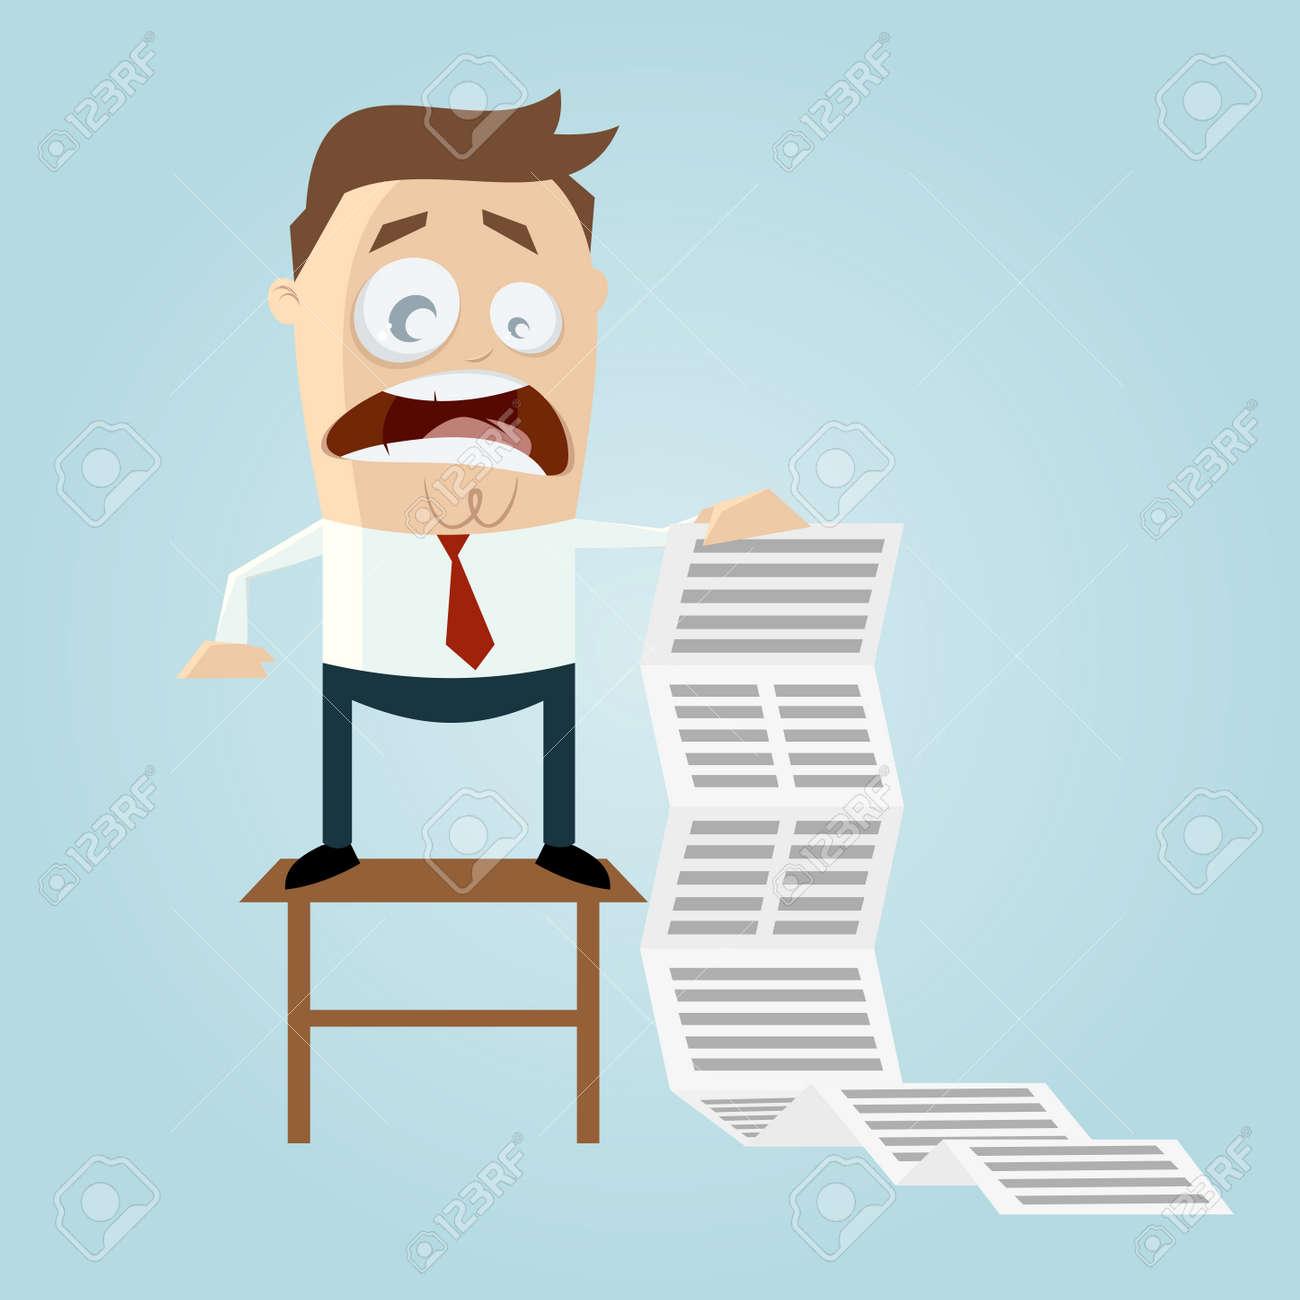 cartoon man with long task list - 26729943